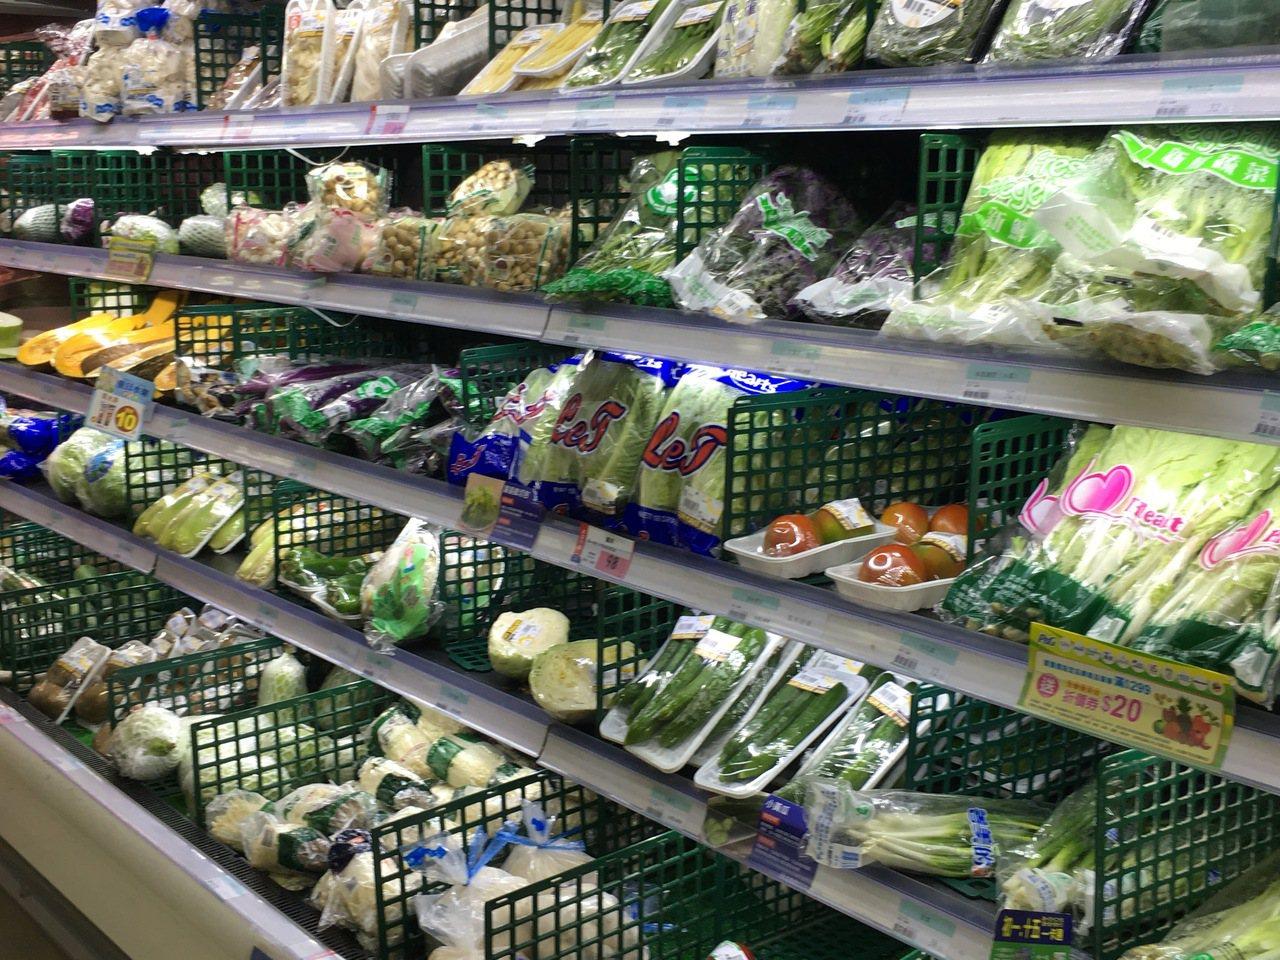 多吃蔬菜有益健康,但若沒有適當攝取油脂,高渣飲食缺少潤滑反而會導致便秘。記者江慧...